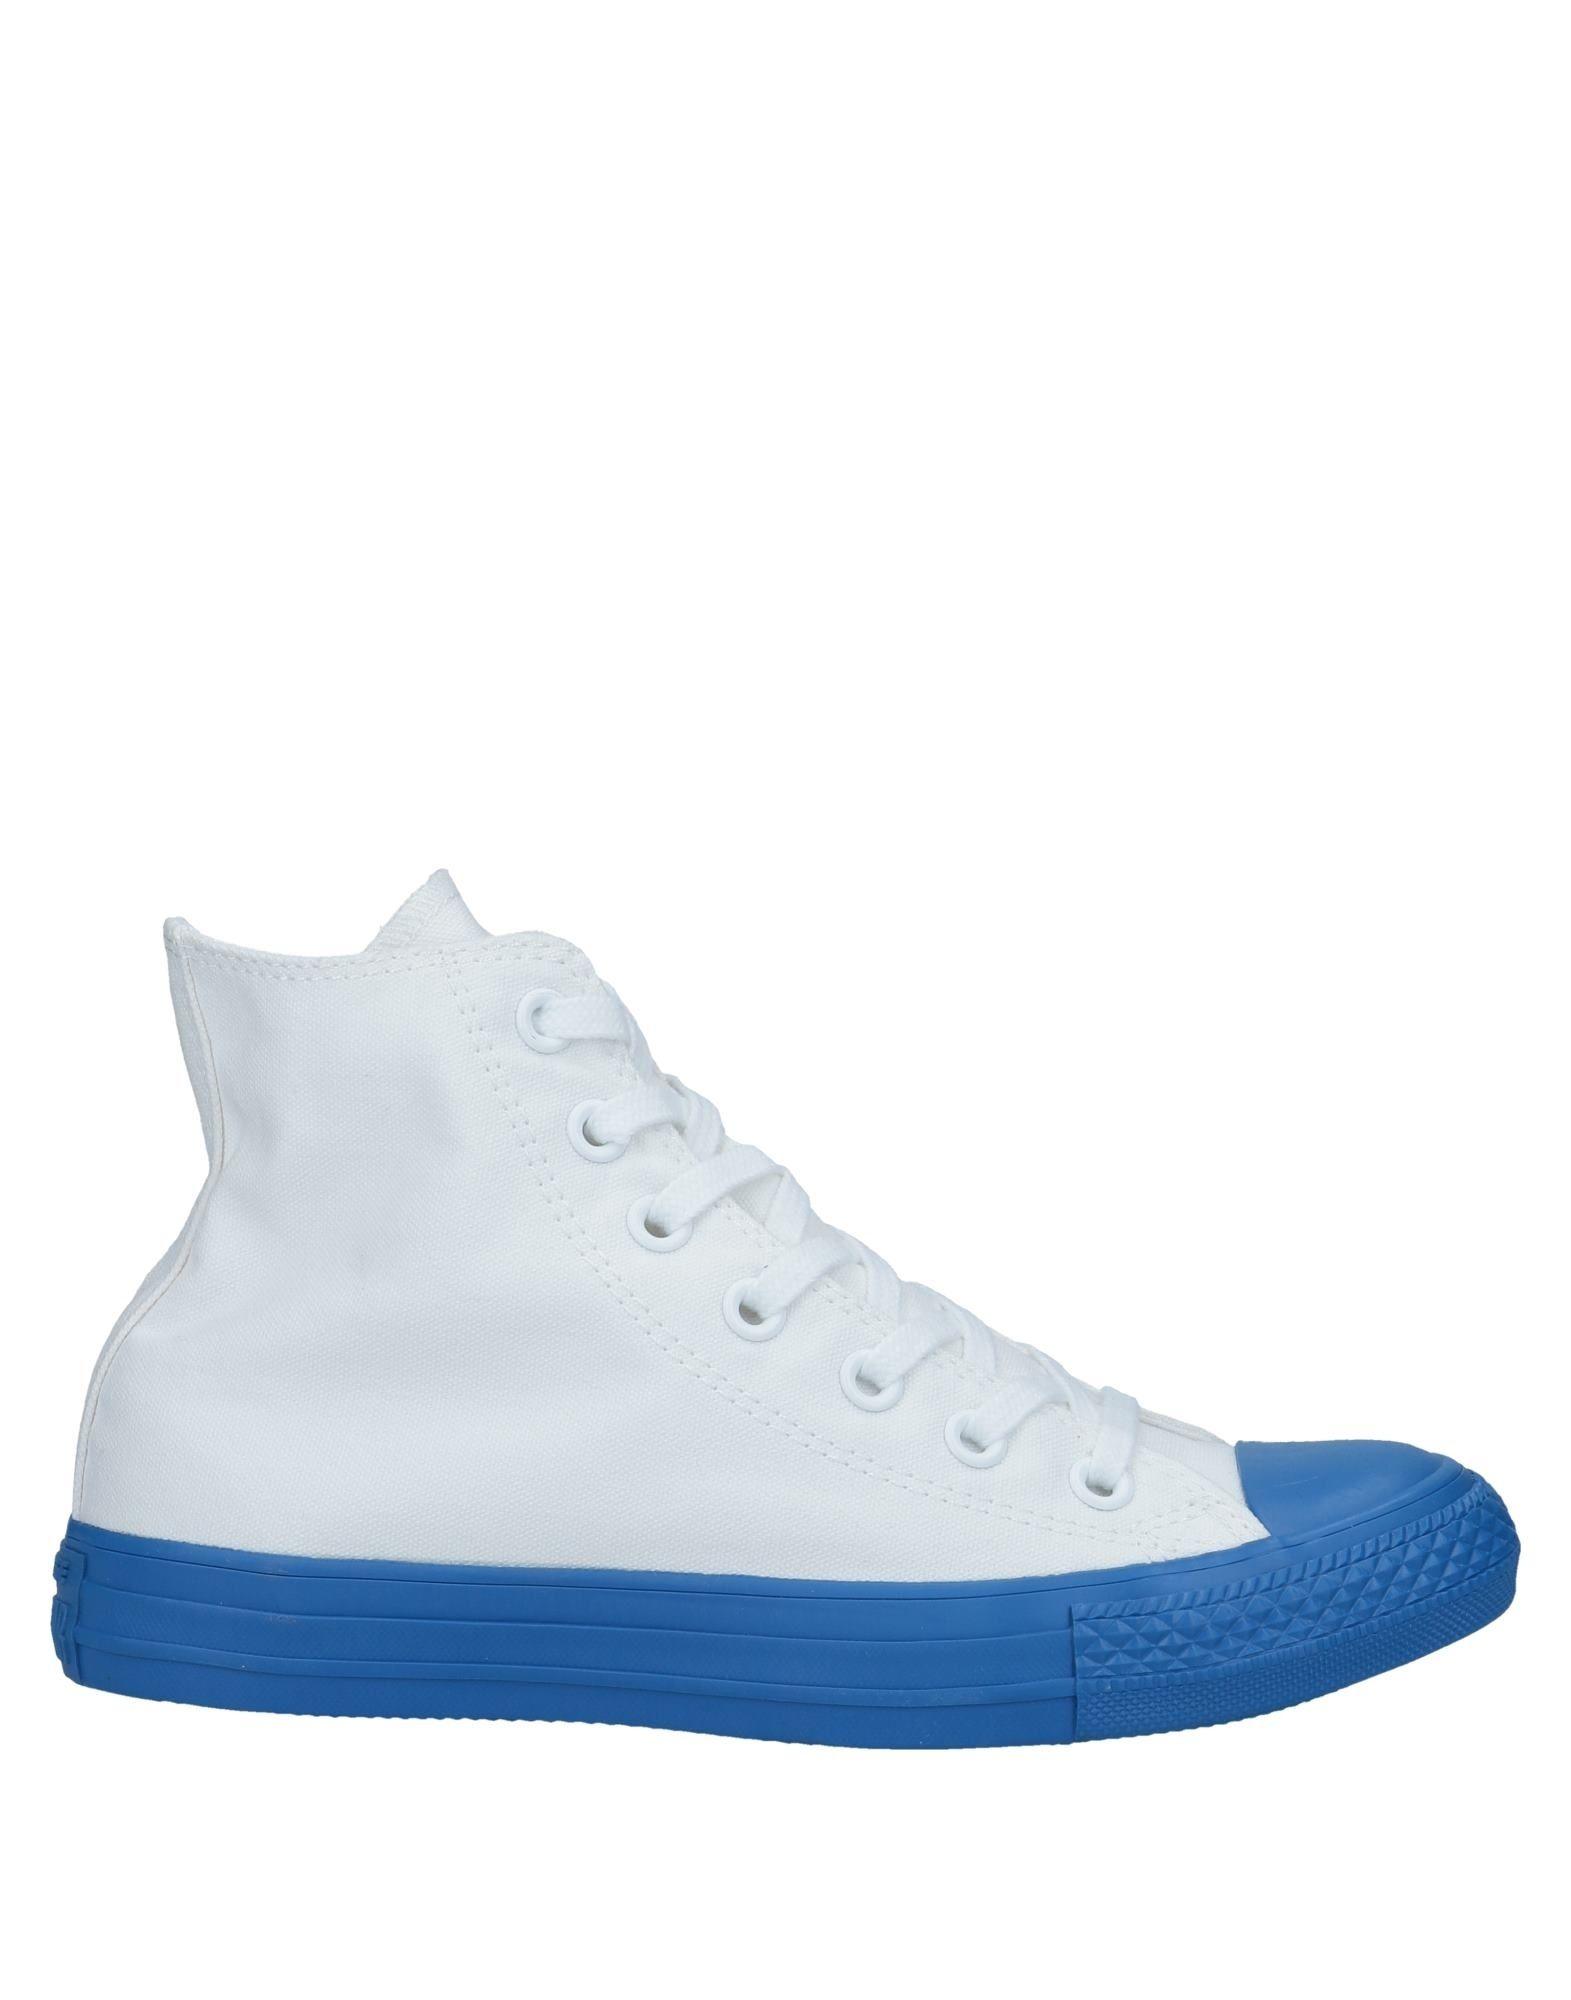 Converse Converse Converse All Star Sneakers Damen  11548486RQ Gute Qualität beliebte Schuhe 9088a6